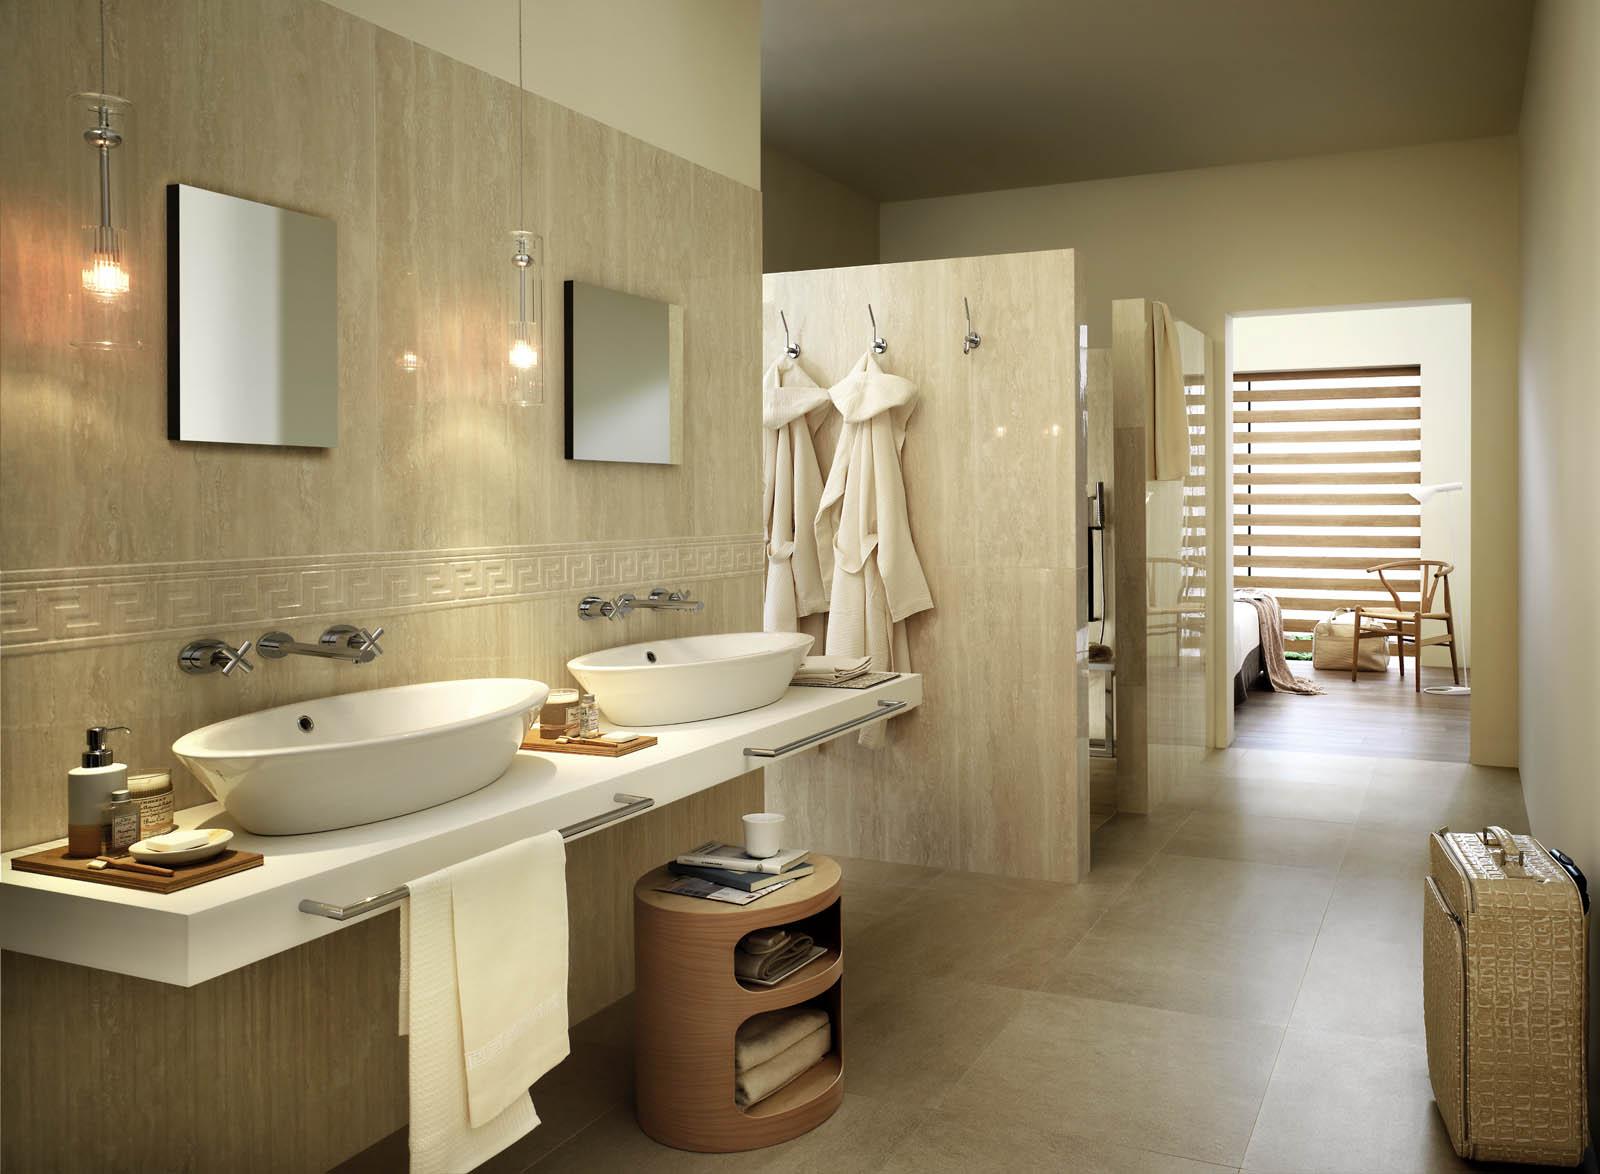 Stonevision rivestimento lucido marazzi - Rivestimento bagno effetto marmo ...